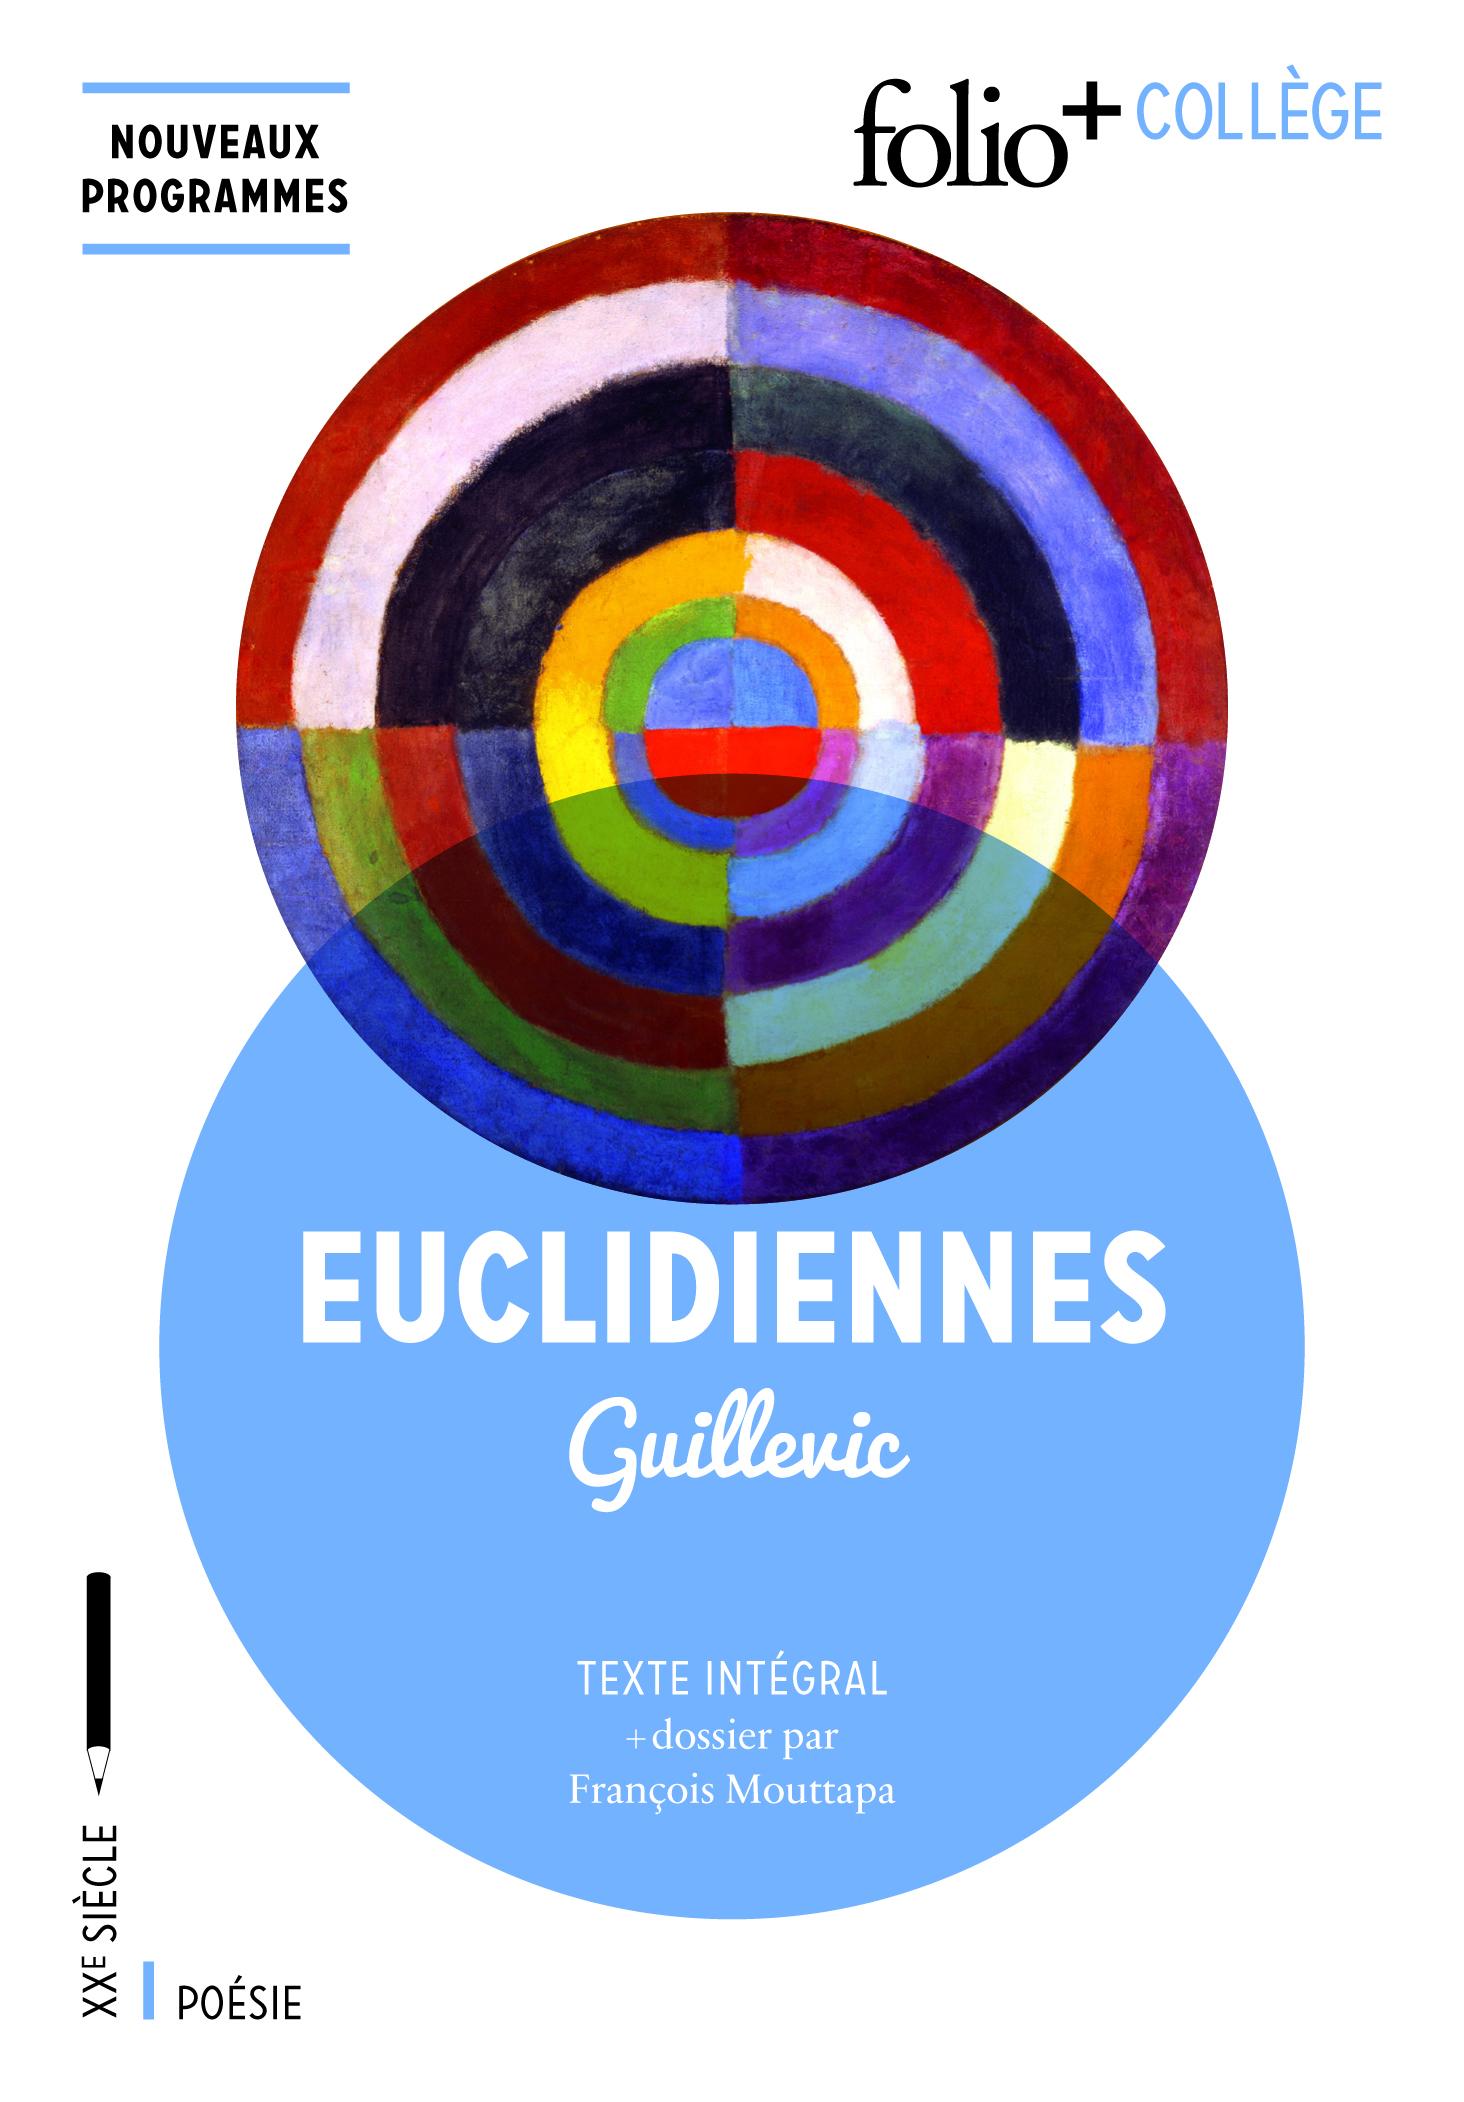 EUCLIDIENNES